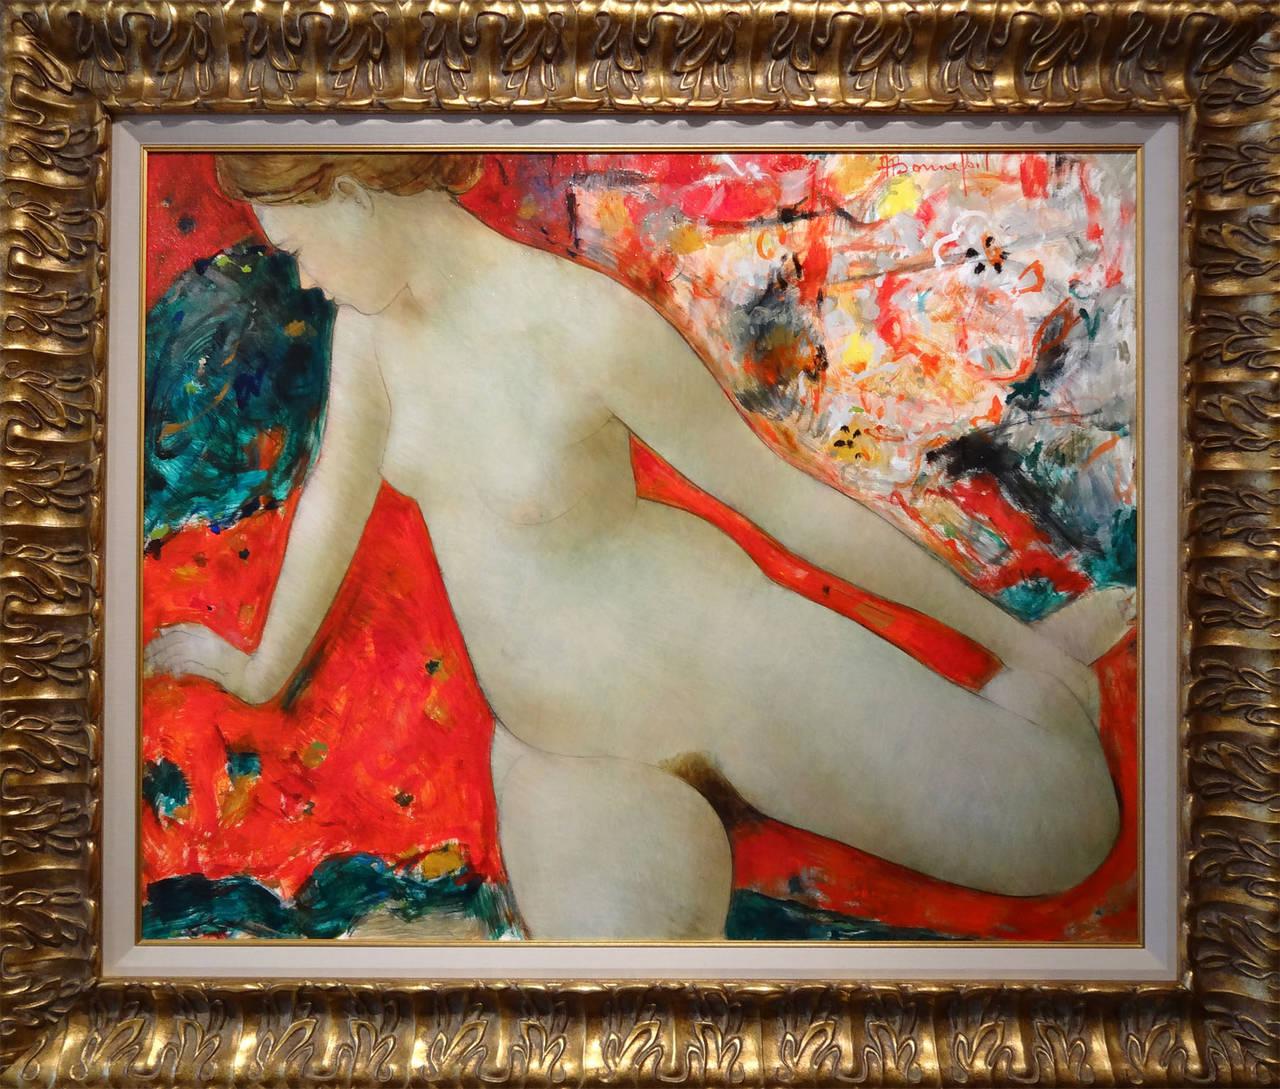 Primavera - Painting by Alain Bonnefoit